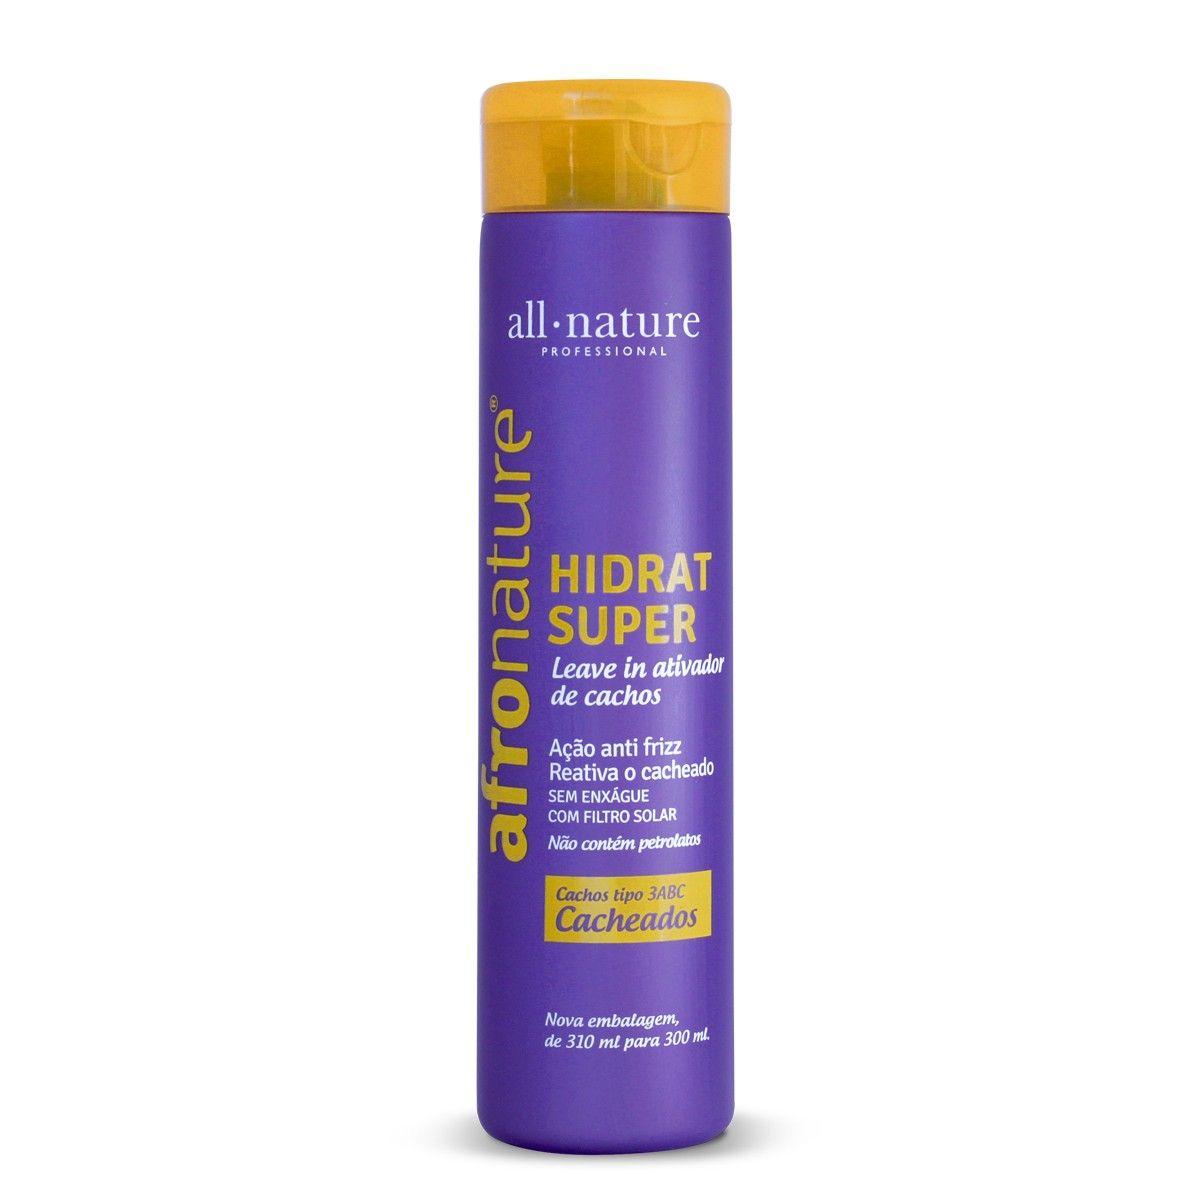 Hidrat Super Leave In Ativador de Cachos  All Nature  300 ml - Ativa e Define os Cachos Disciplina os Fios Arrepiados Fornece Hidratação Brilho e Proteção